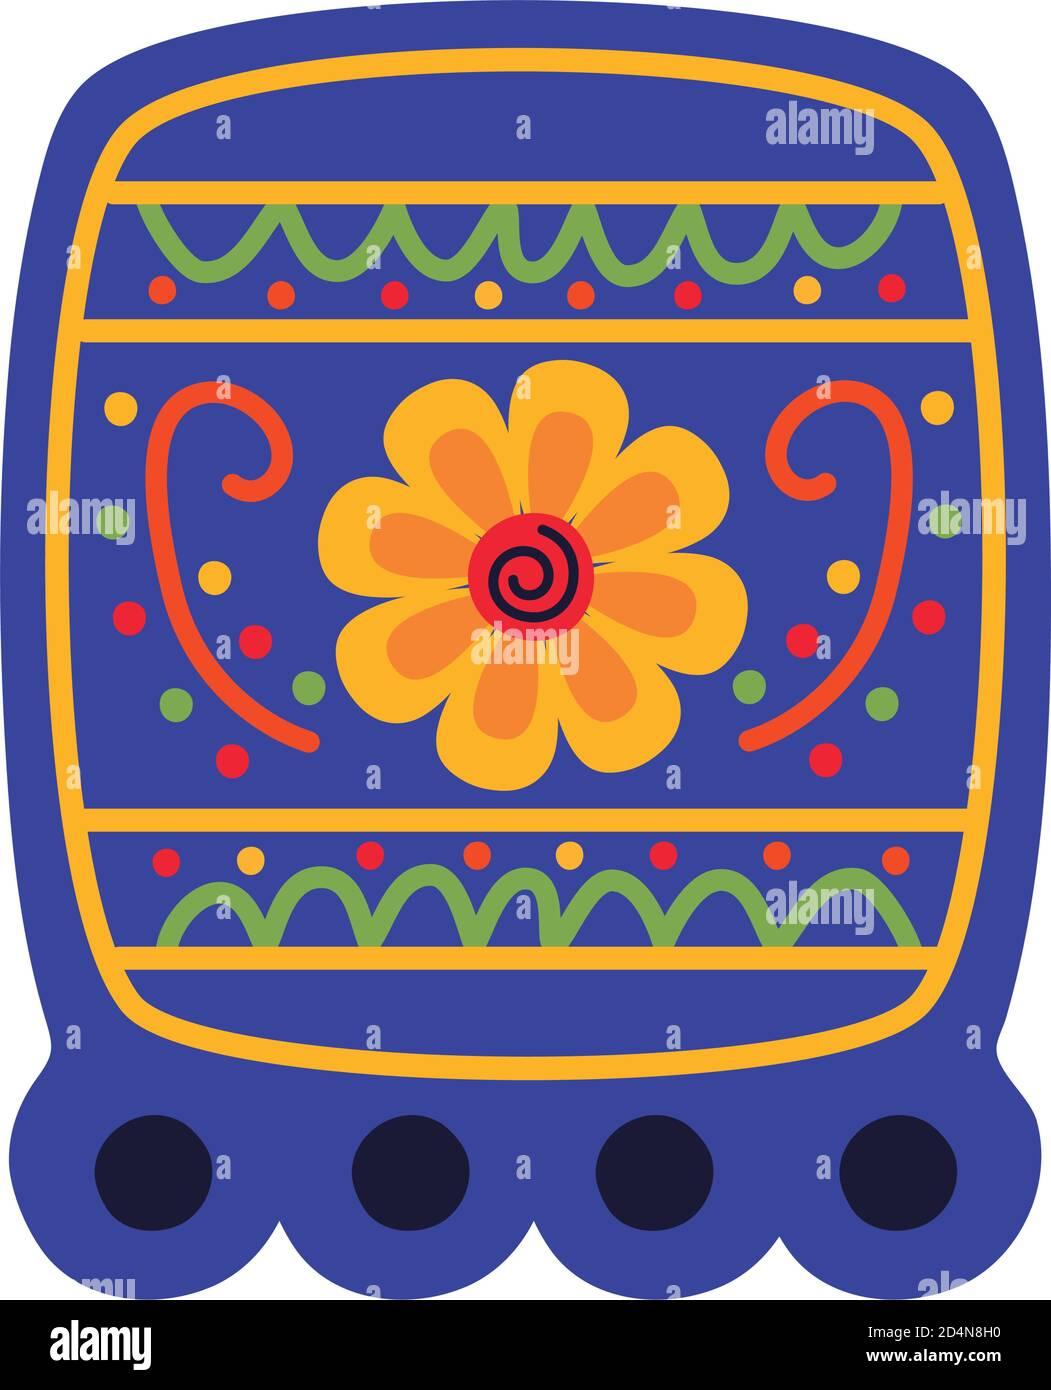 piazza garland celebrazione messicana con fiore piatto stile icona vettore disegno dell'illustrazione Illustrazione Vettoriale